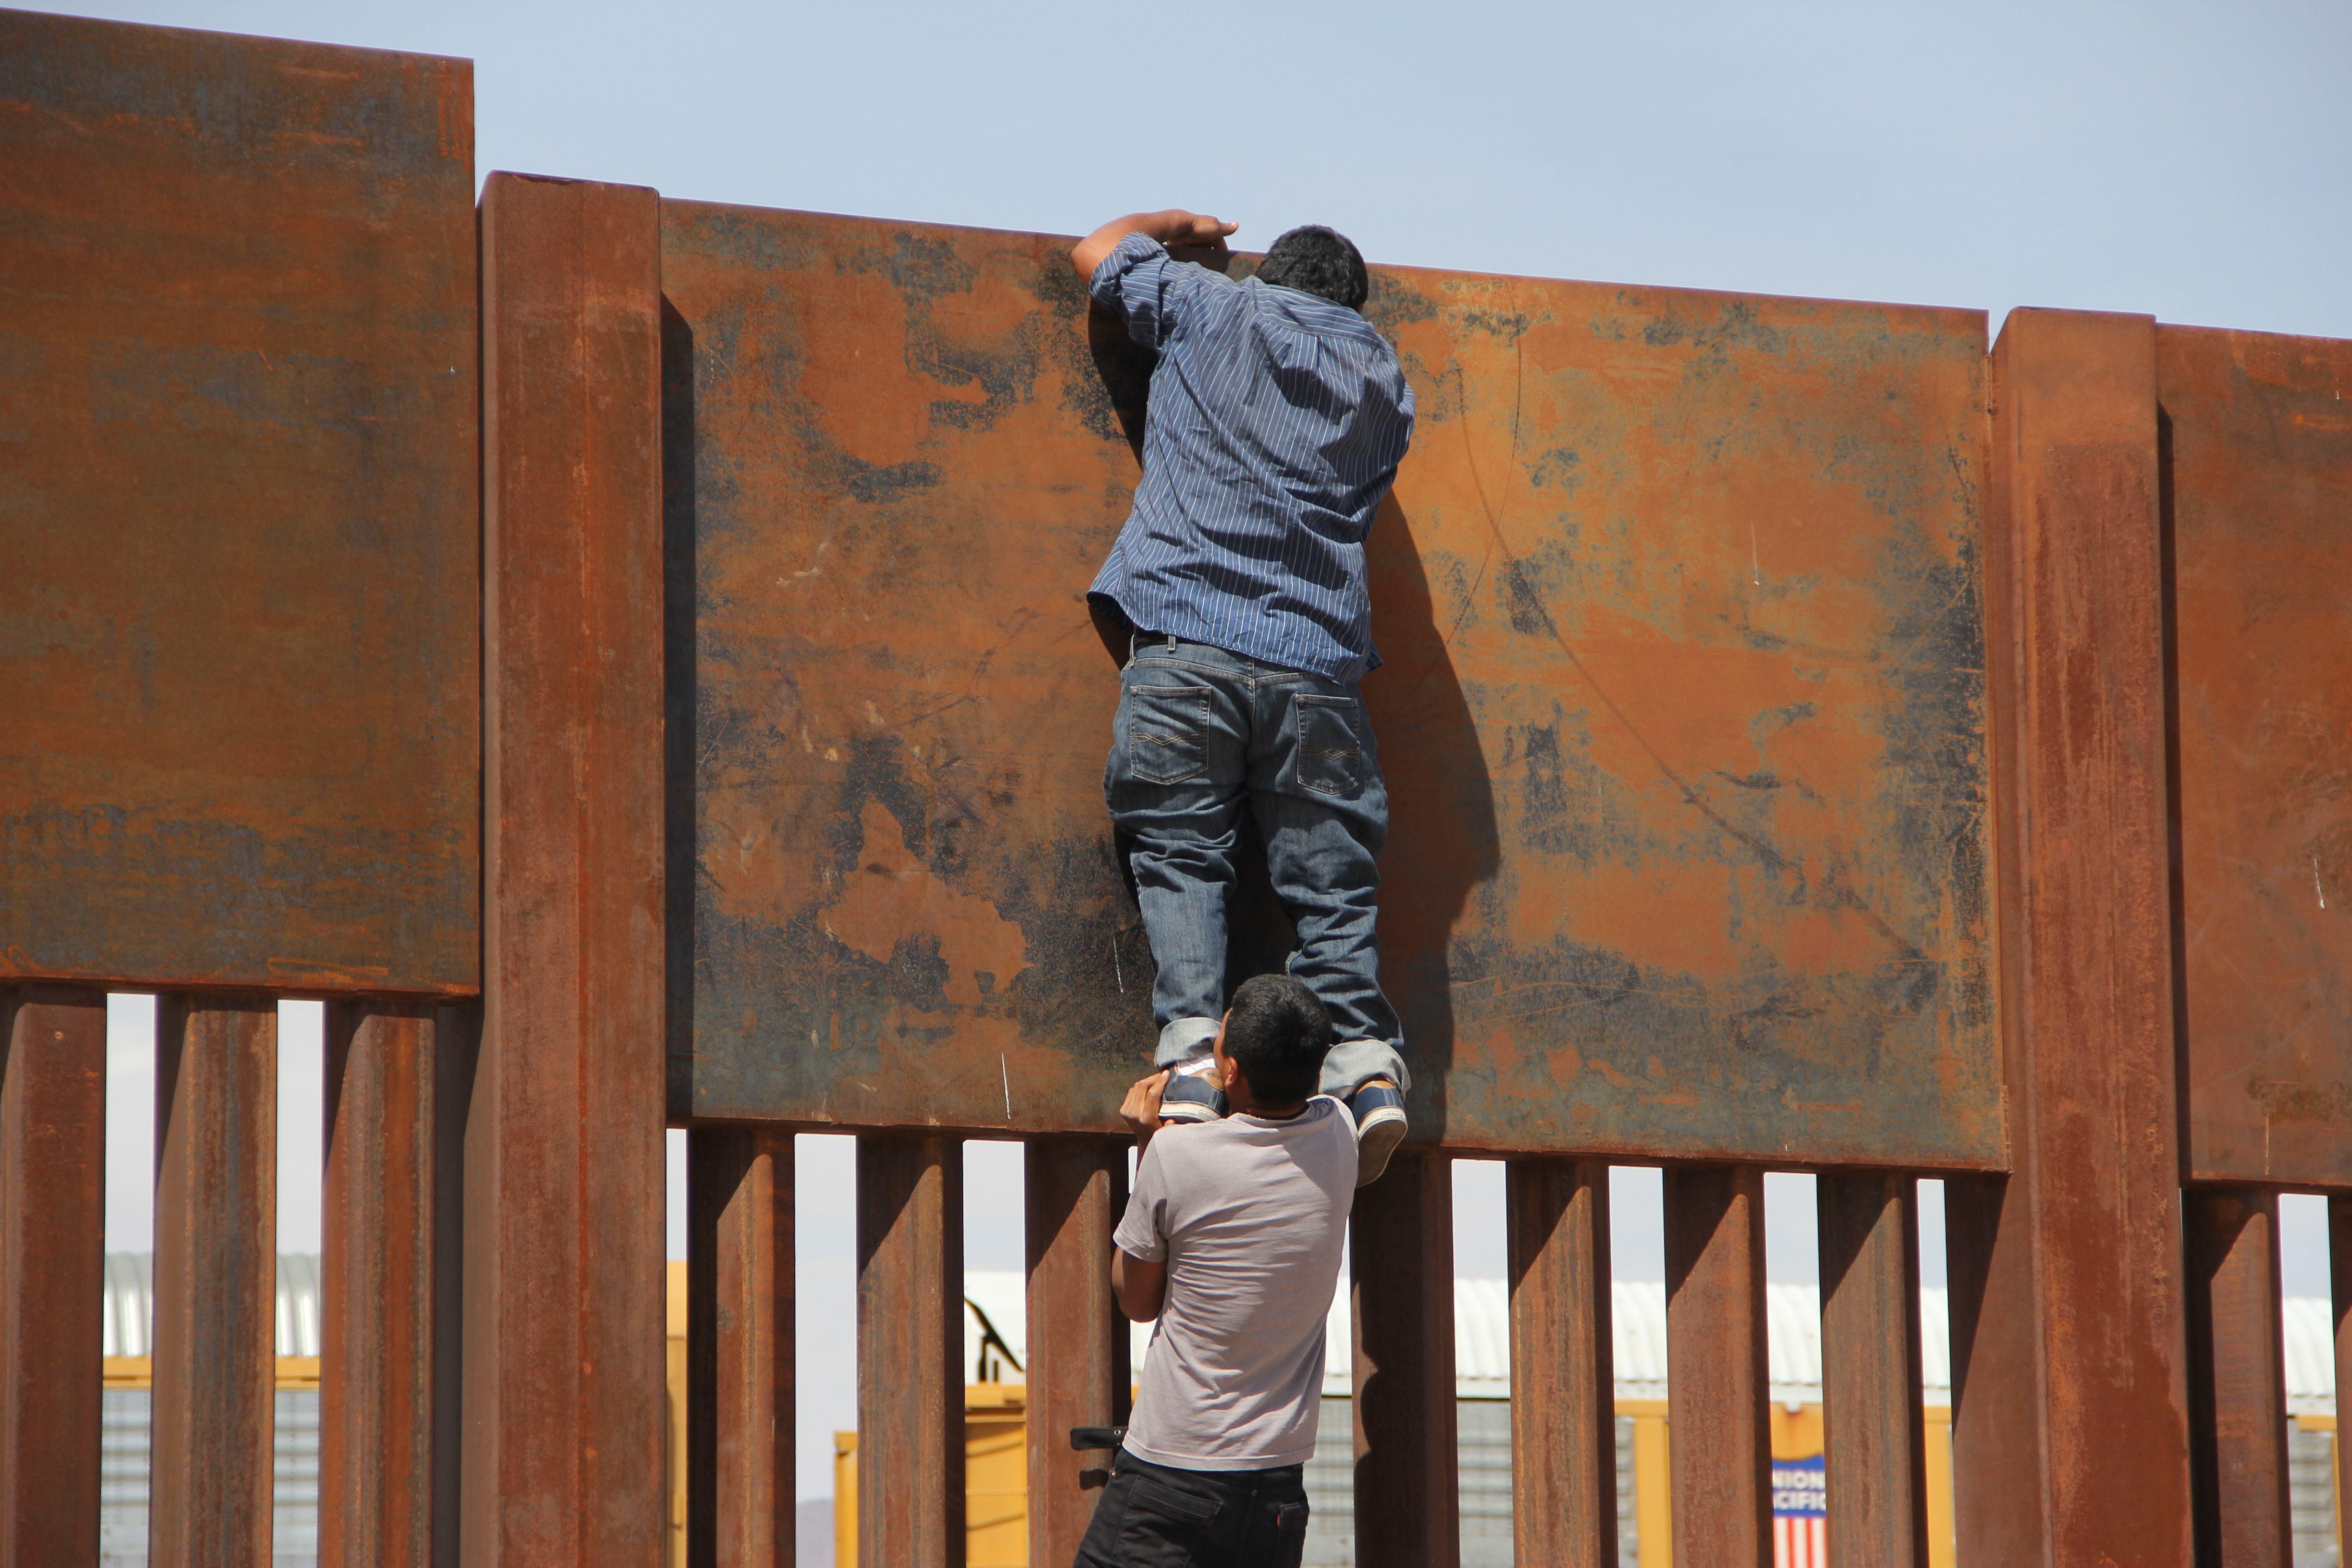 أحد المهاجرين يجتاز الجدار الحدودى بين الولايات المتحدة والمكسيك